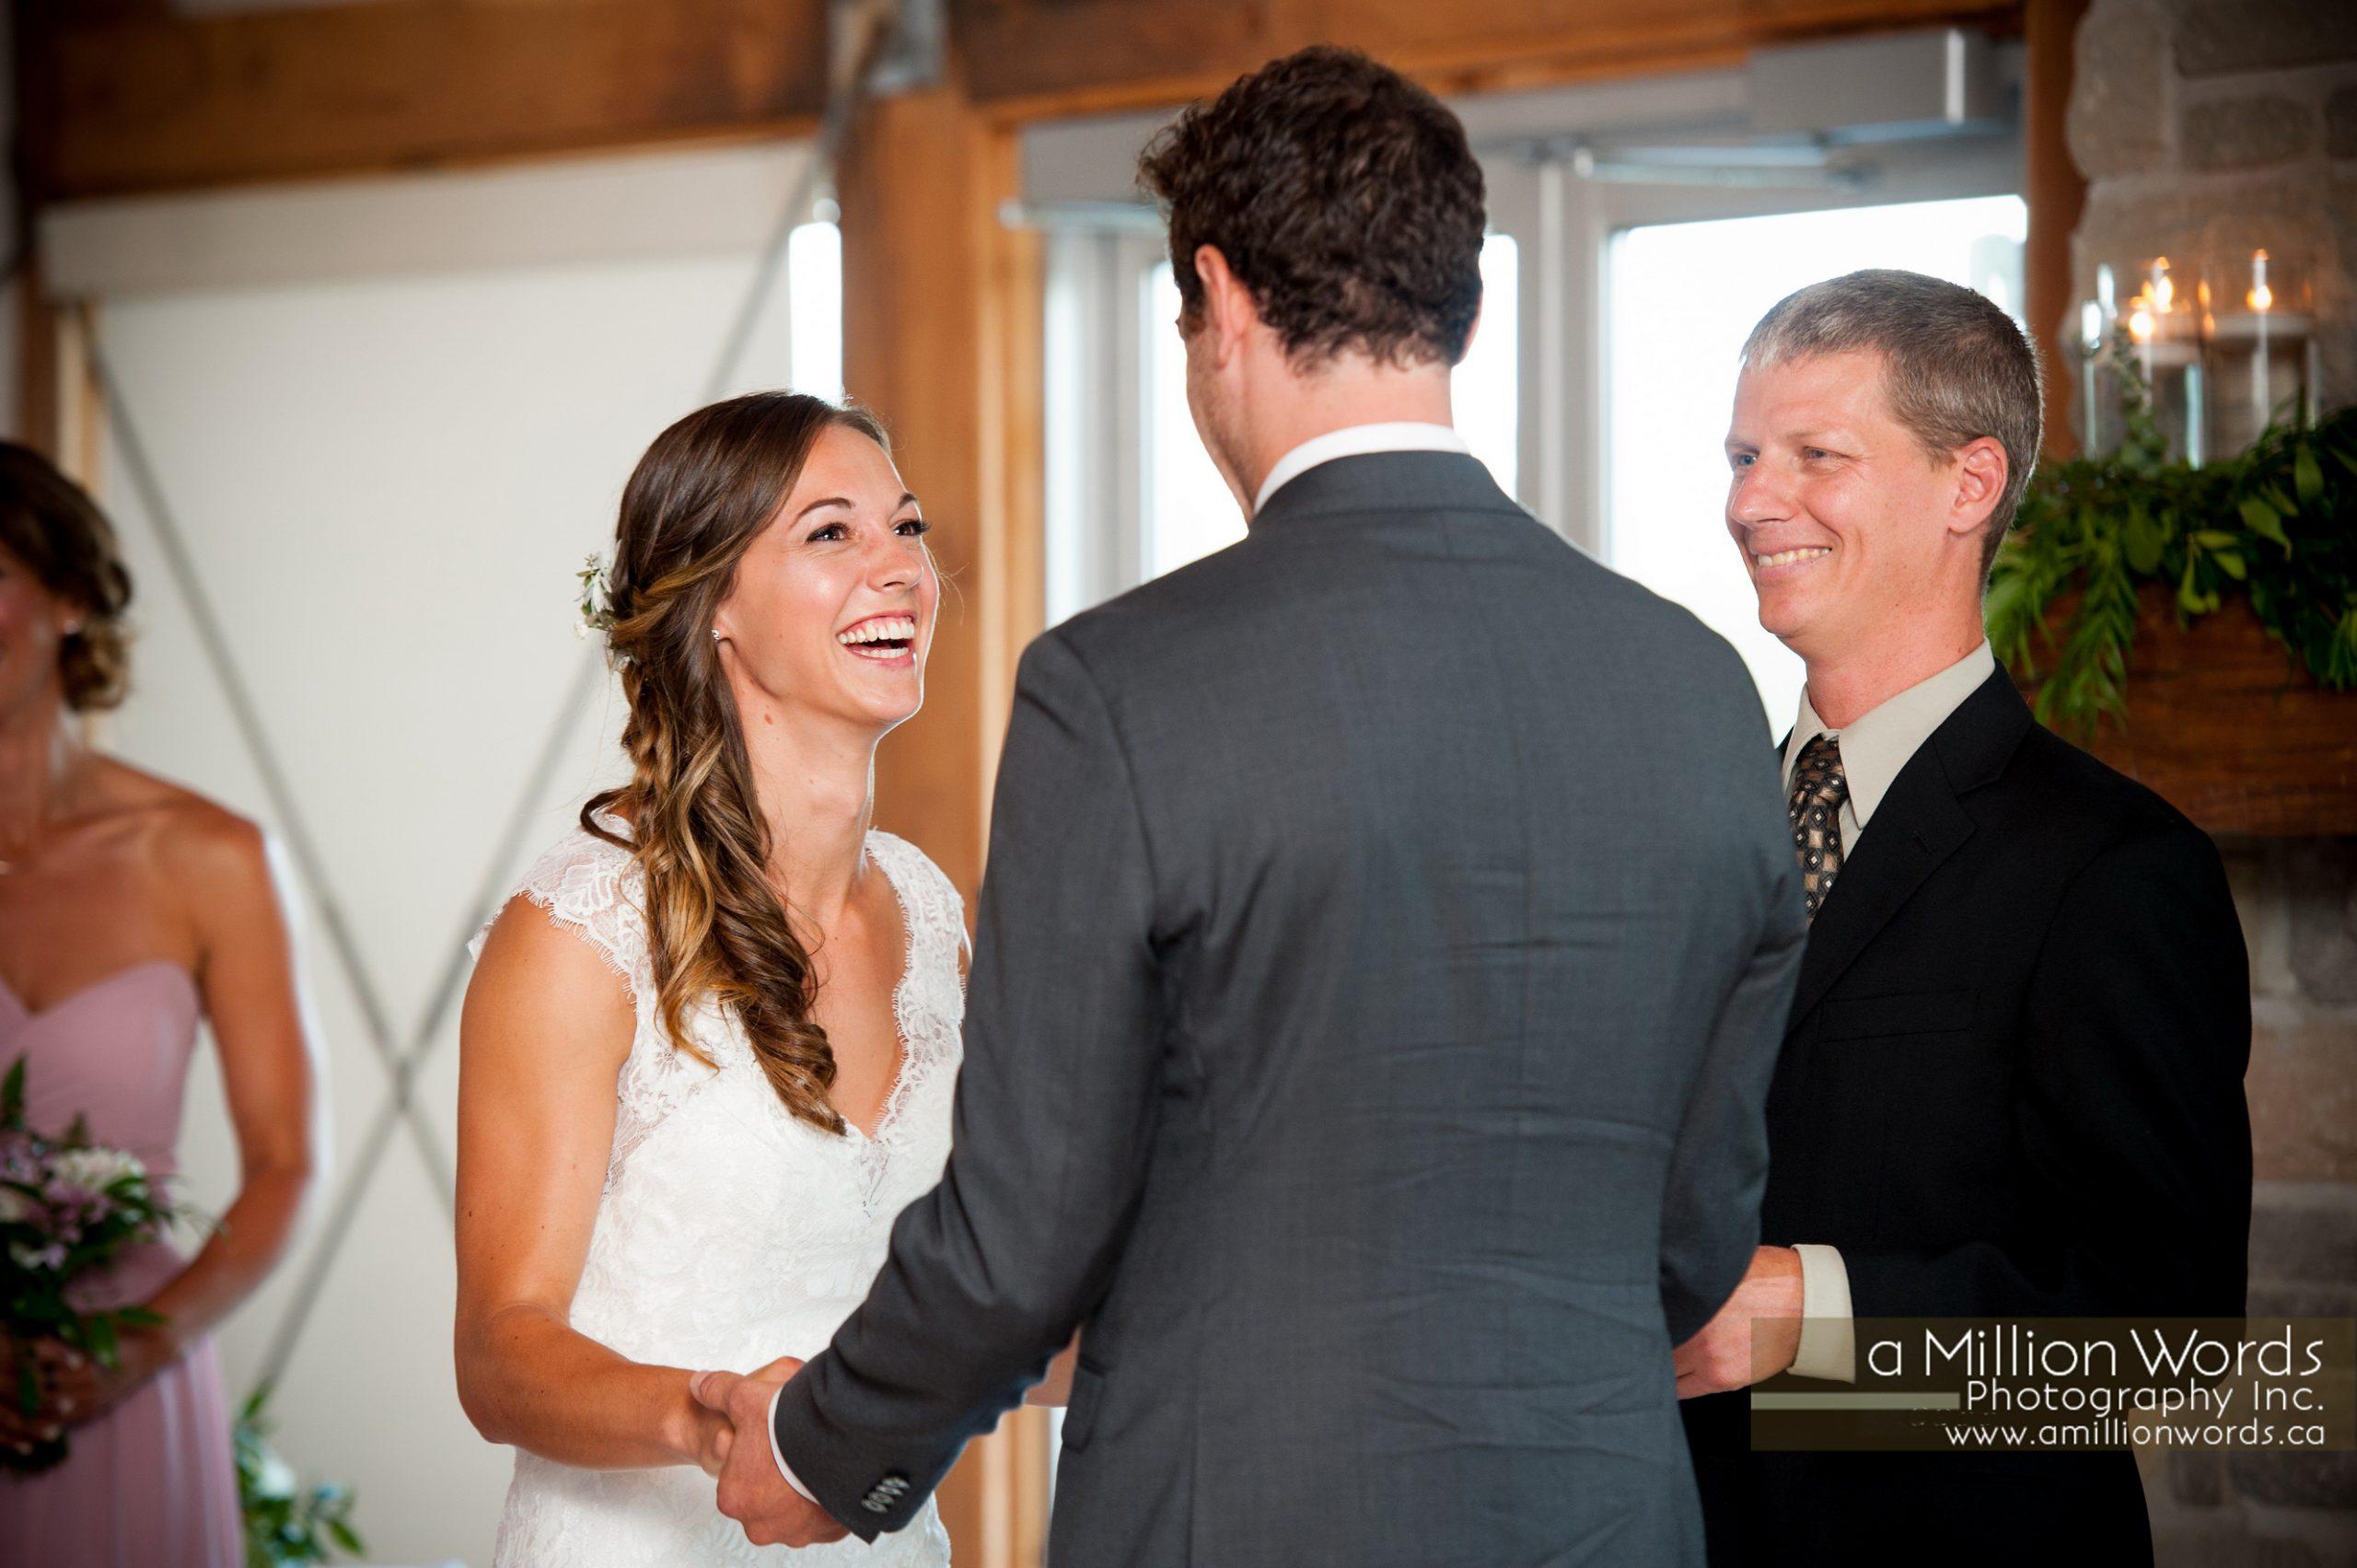 kw_wedding_photography29